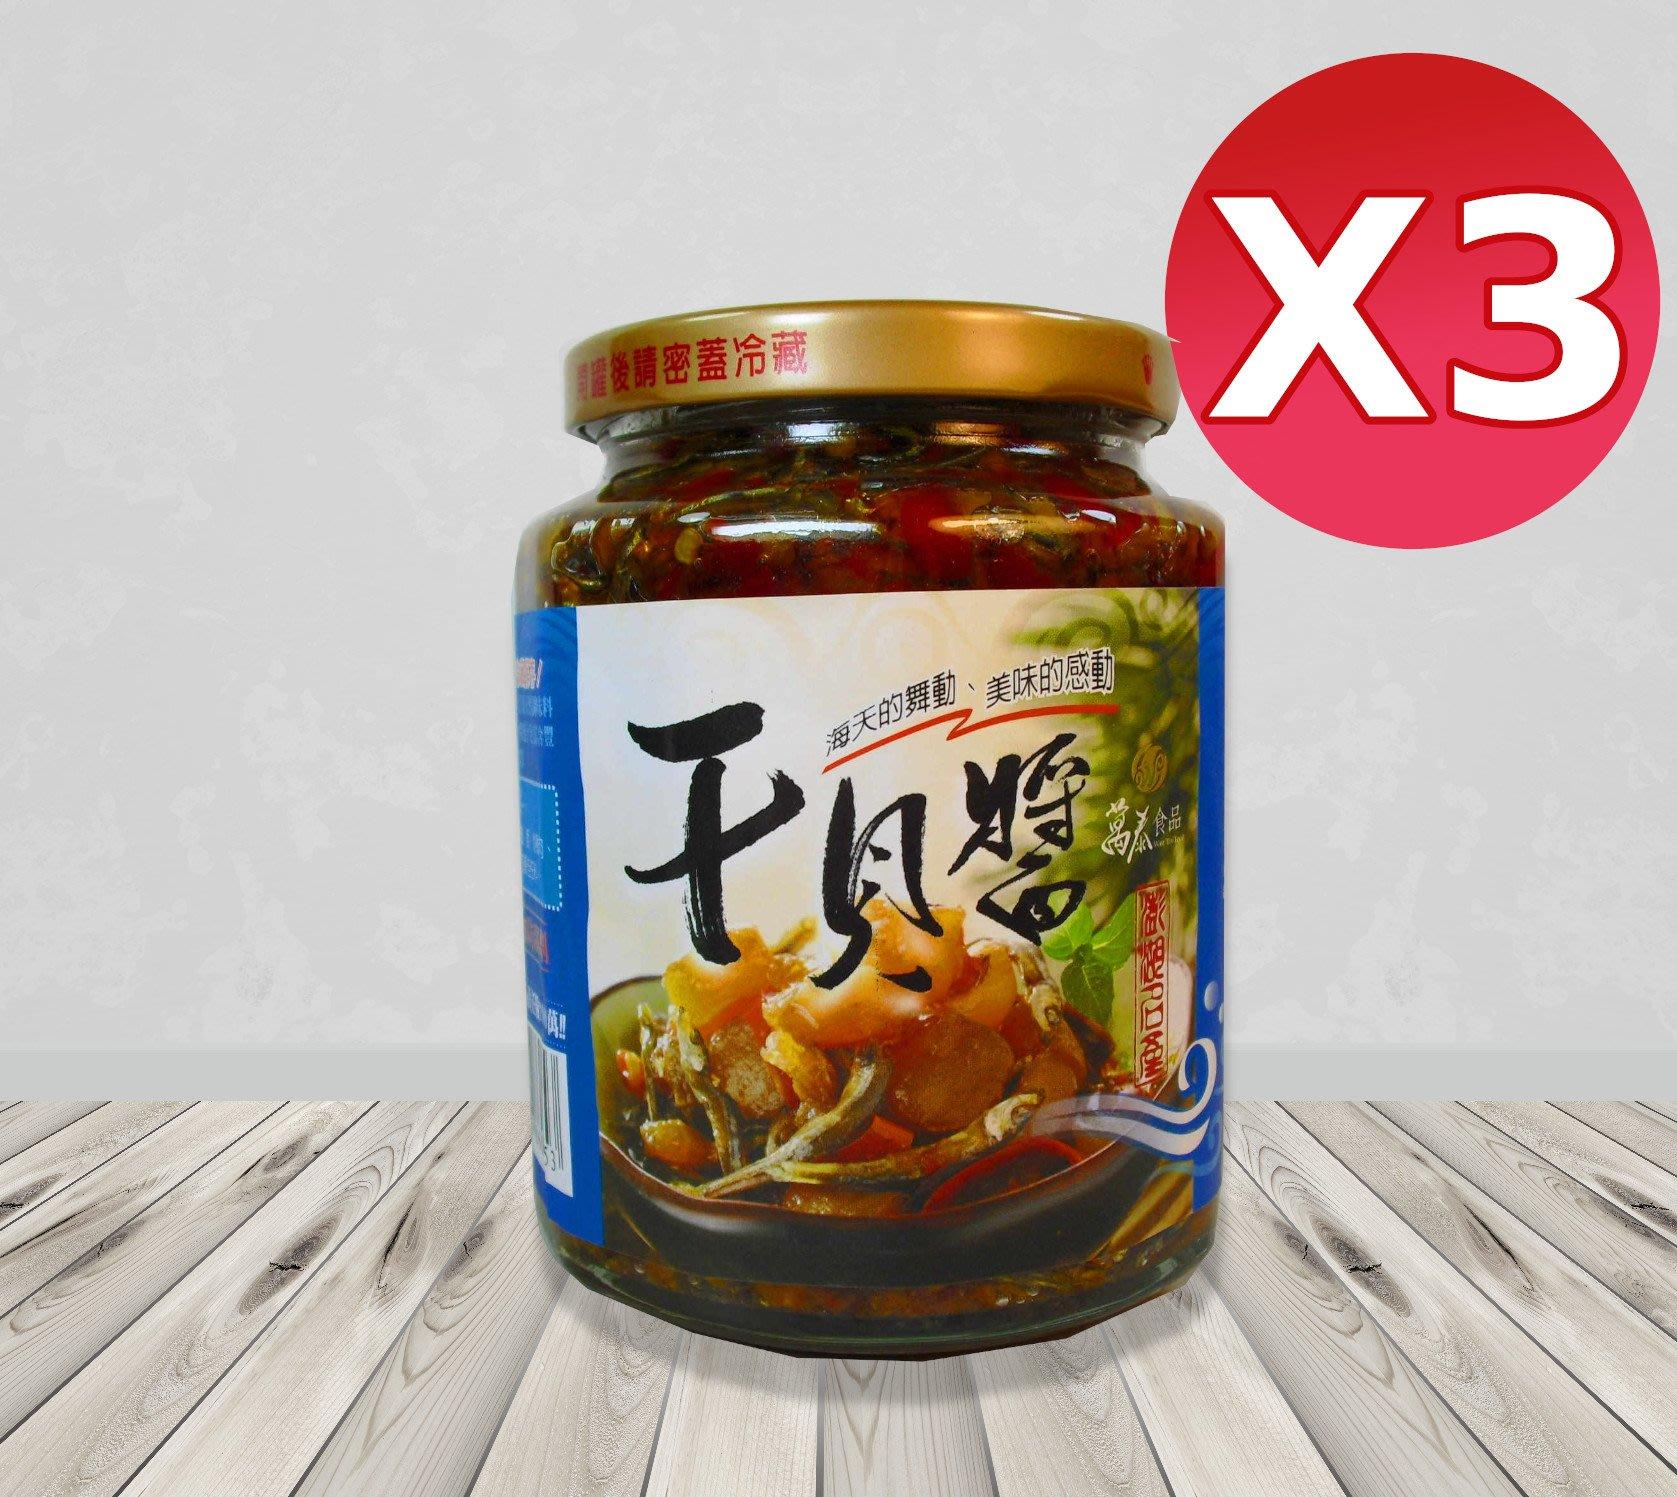 『澎湖GO鑫鮮』萬泰干貝醬(3瓶/組)